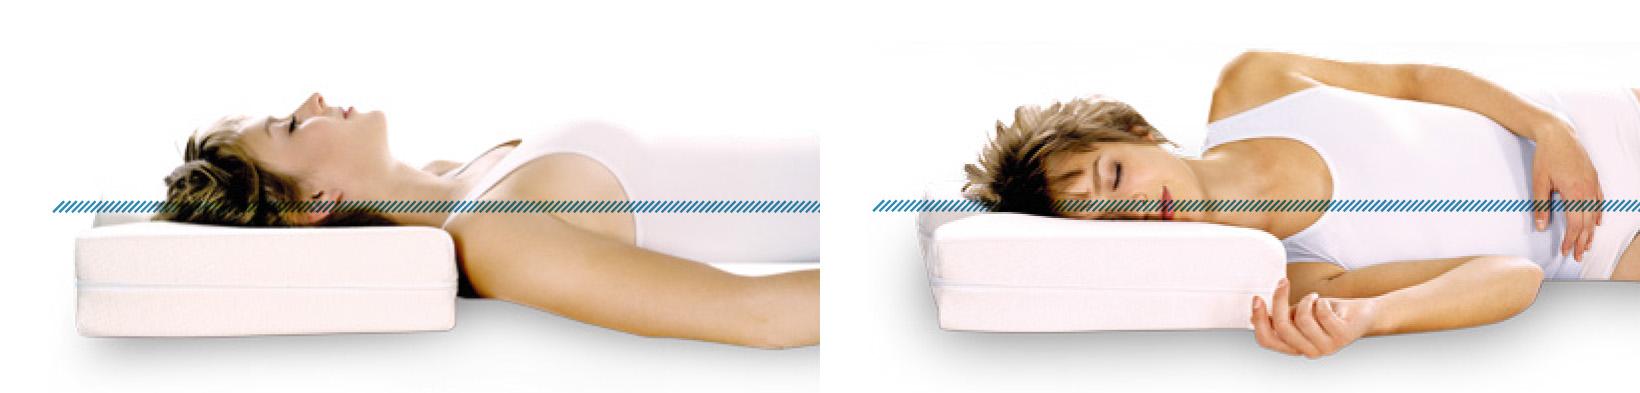 Sanapur Original Kissen 4.0 - Rücken- und Seitenschläfer Position